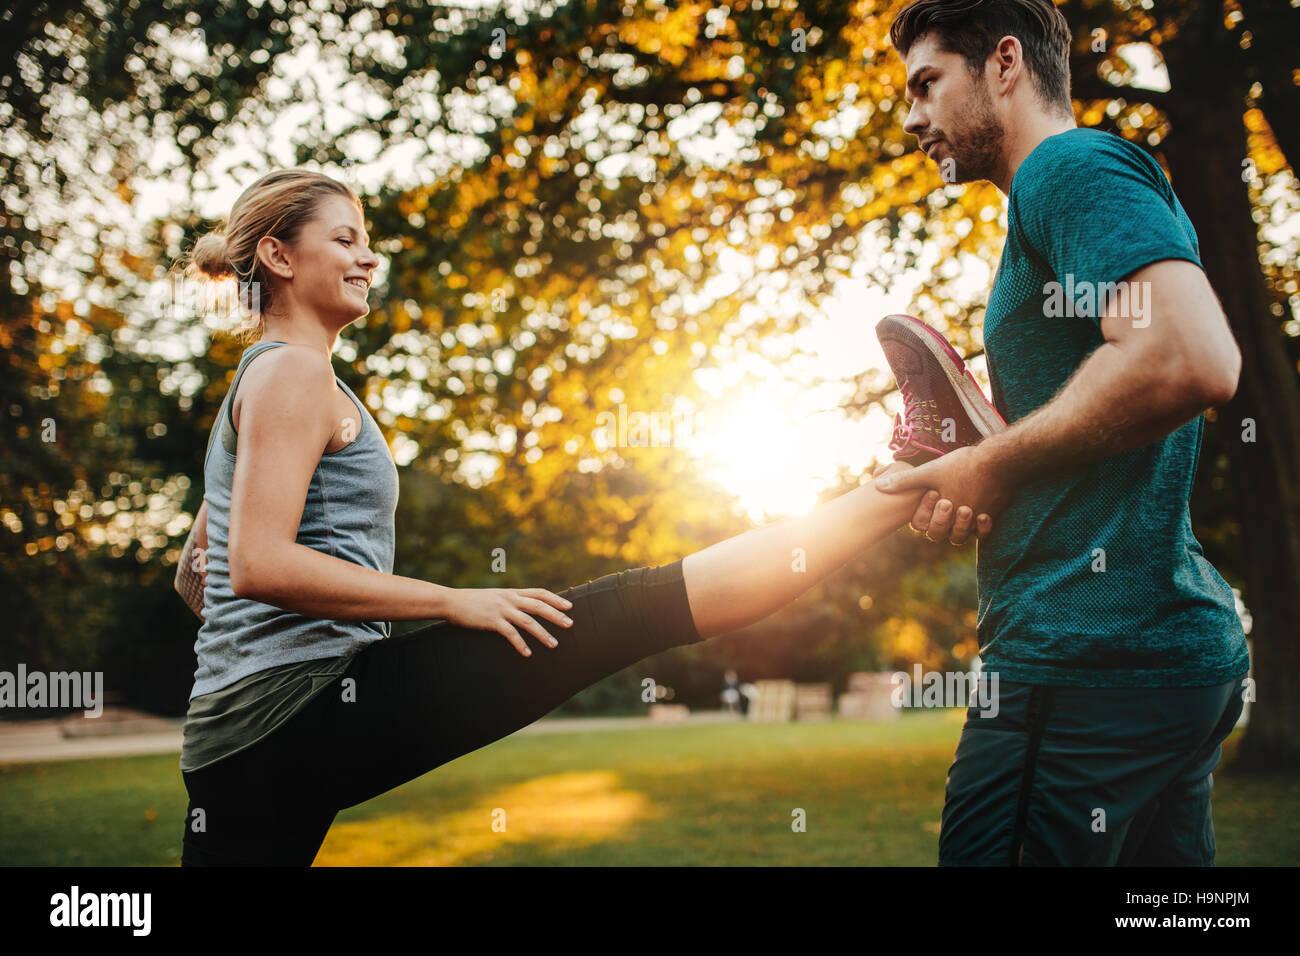 Entrenador personal manteniendo la pierna de mujer estiramiento en park. Ejercicio femenino con el apoyo de su entrenador. Imagen De Stock